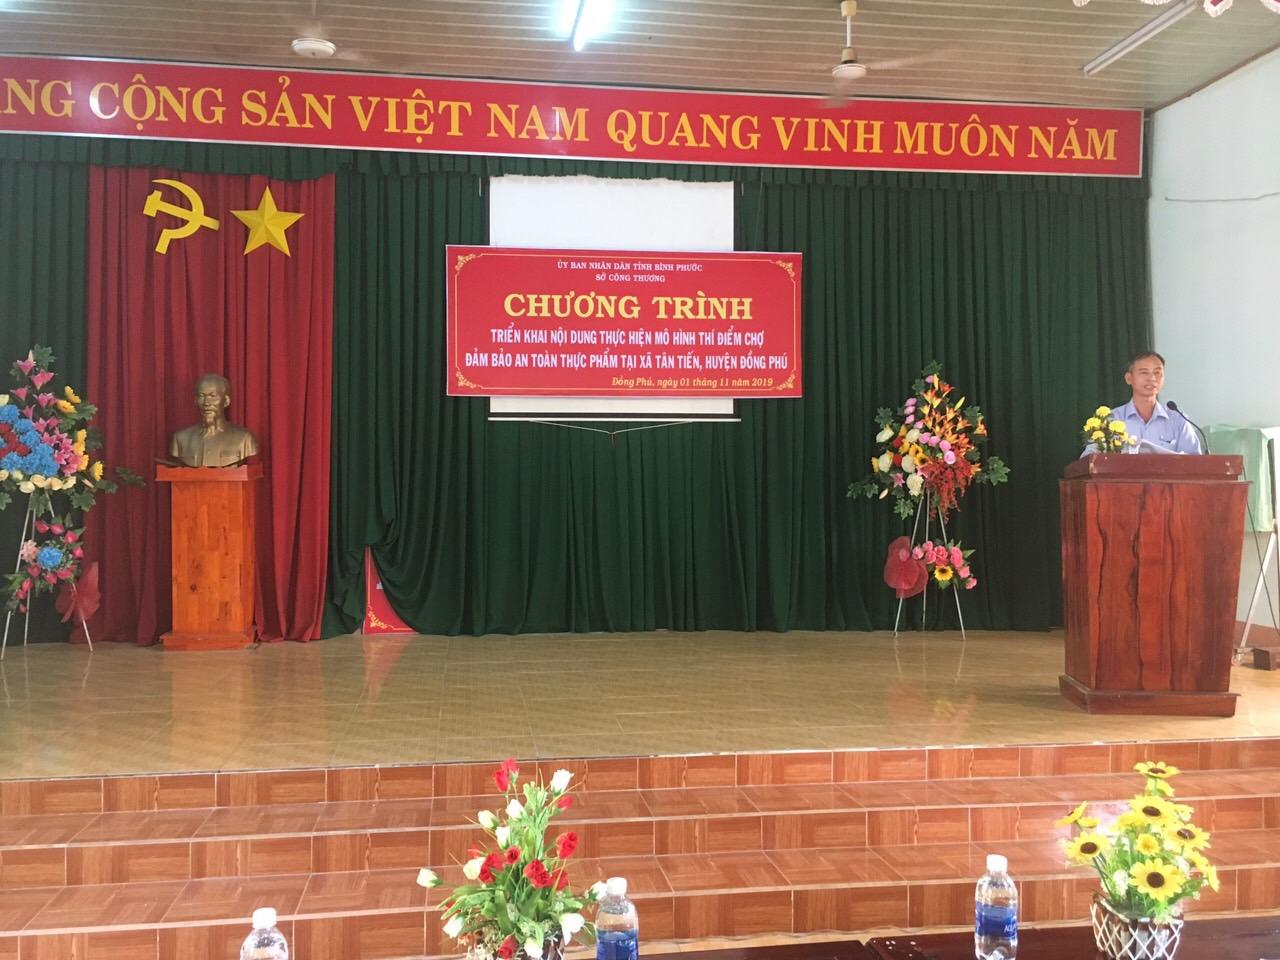 Ông Nguyễn Văn Tặng phát biểu tại chương trình